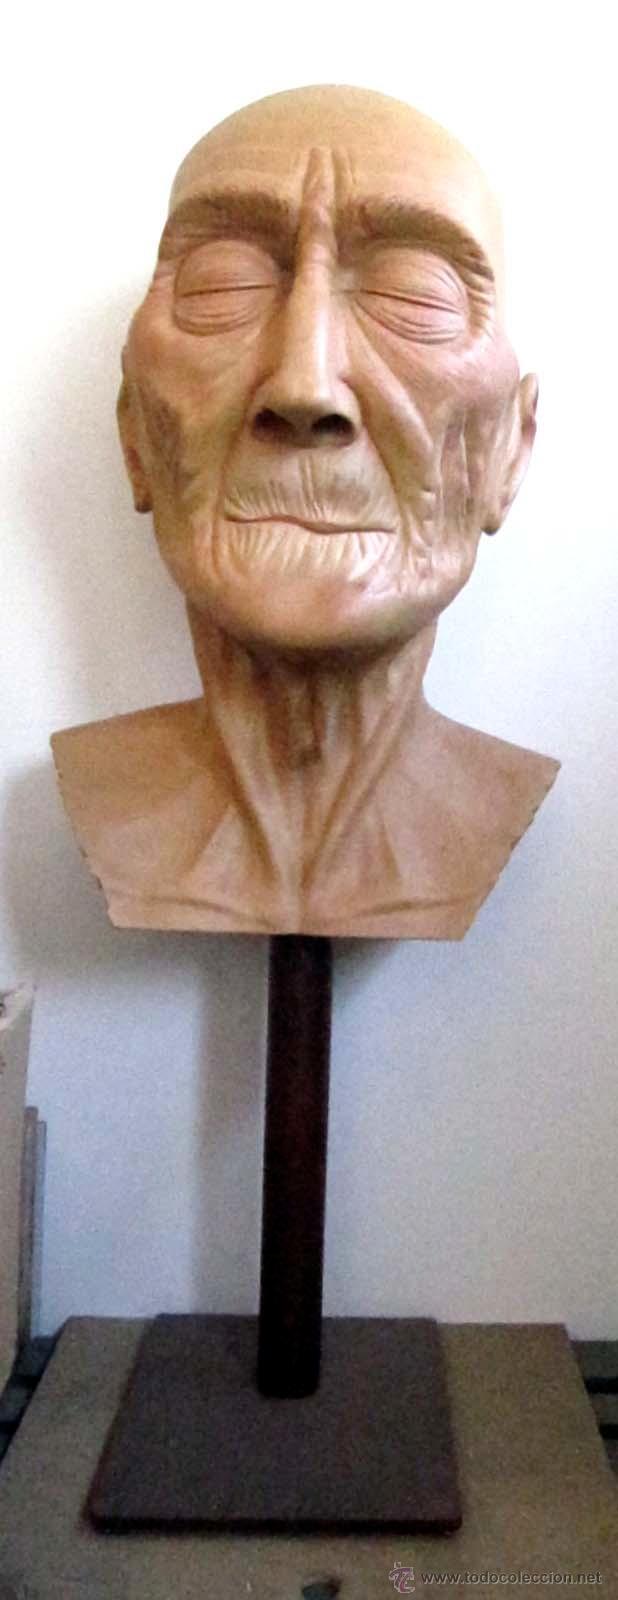 Arte: Escultura figurativa talla madera retrato hombre anciano - Foto 3 - 49460809